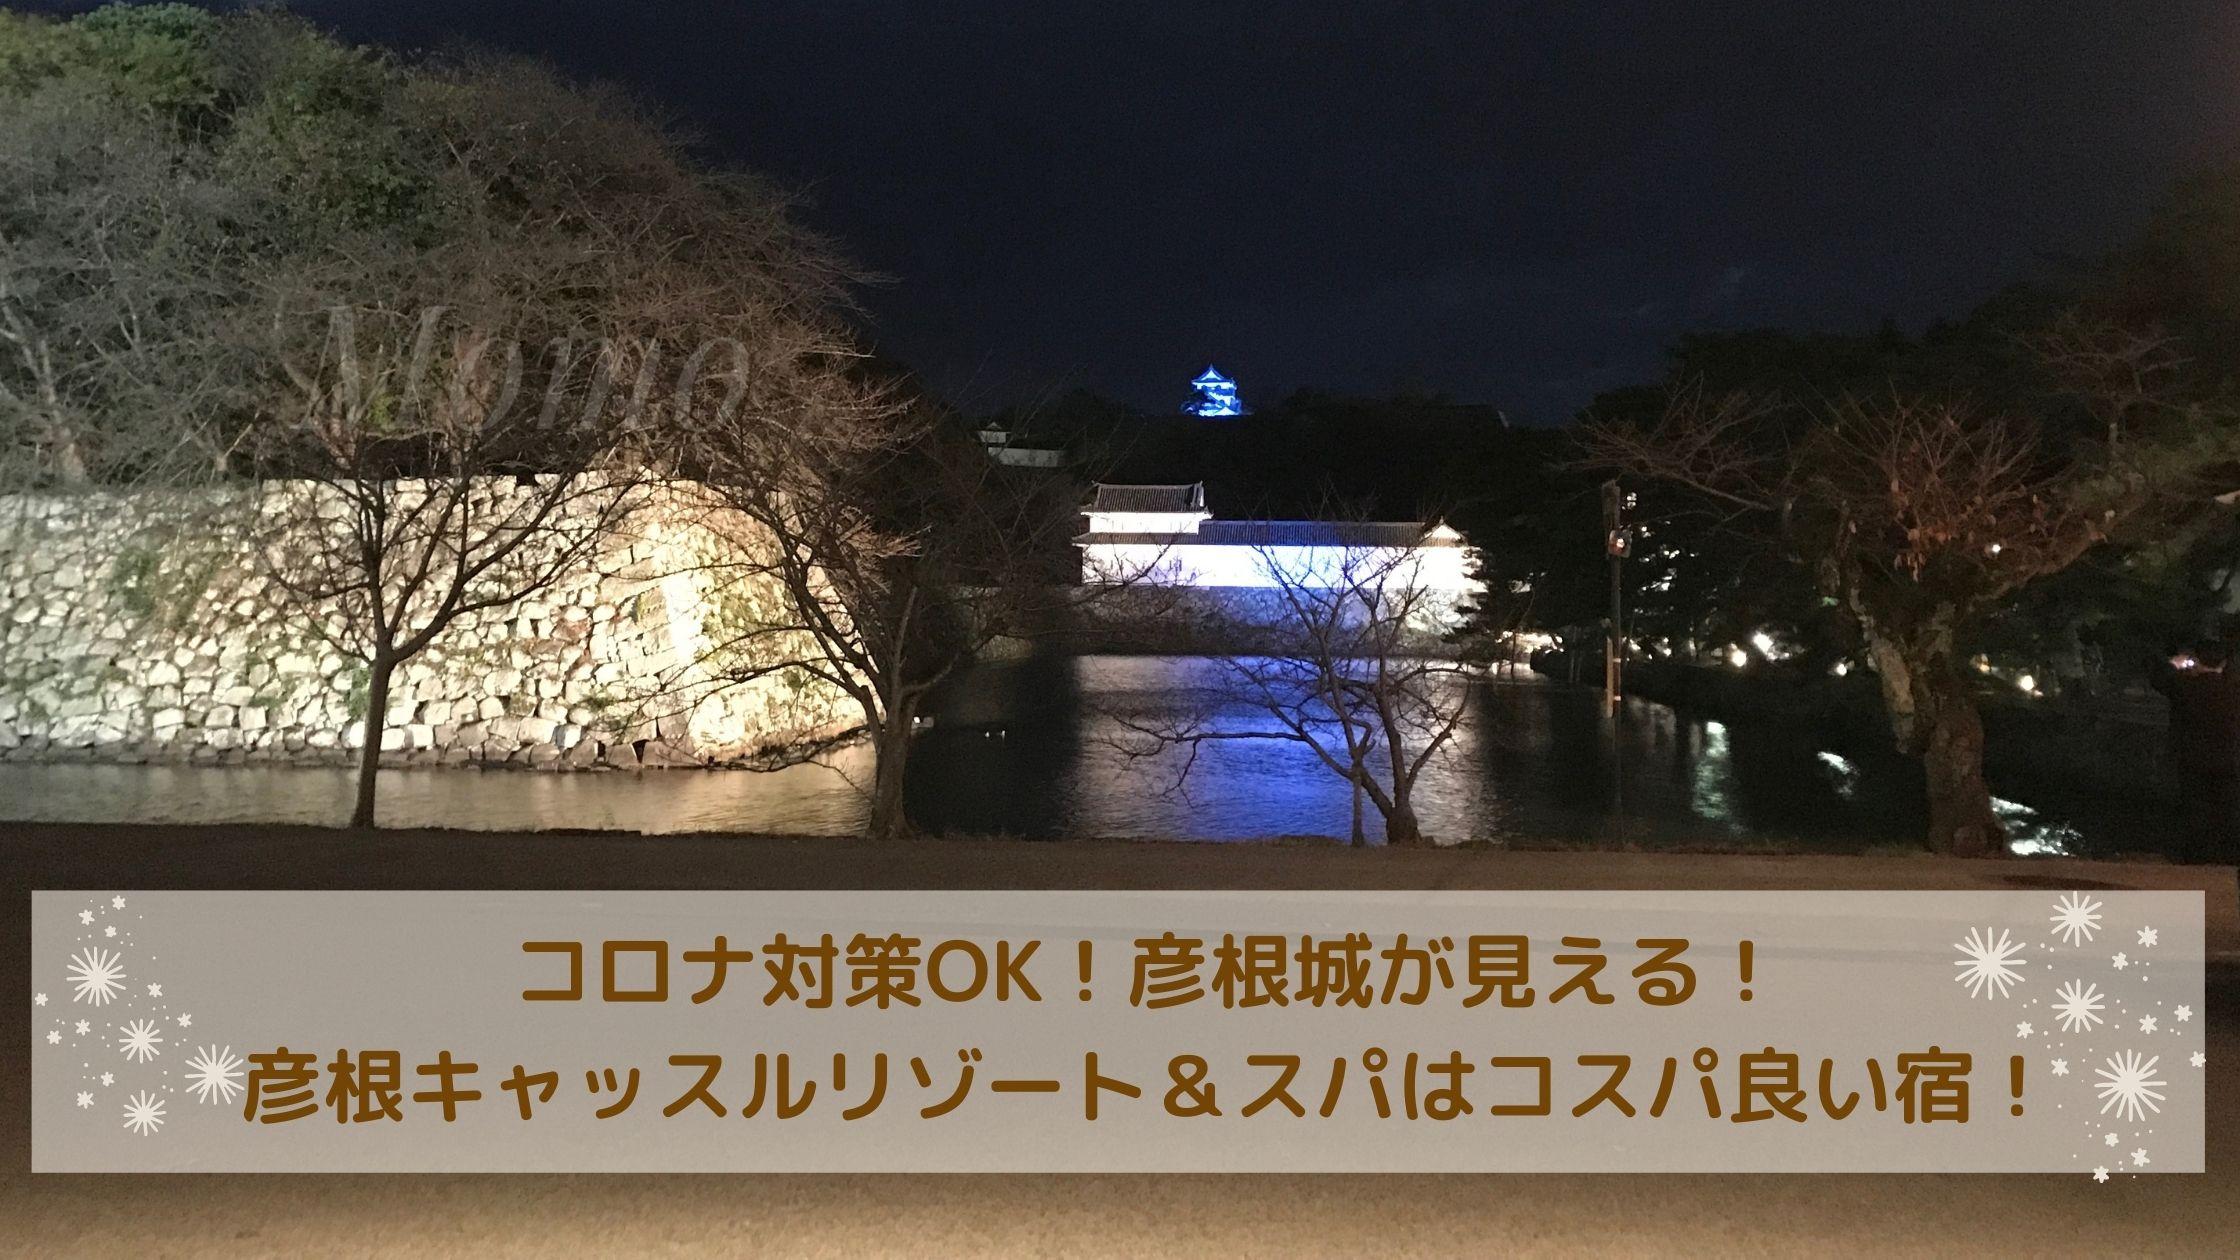 彦根キャッスル 宿泊 ブログ